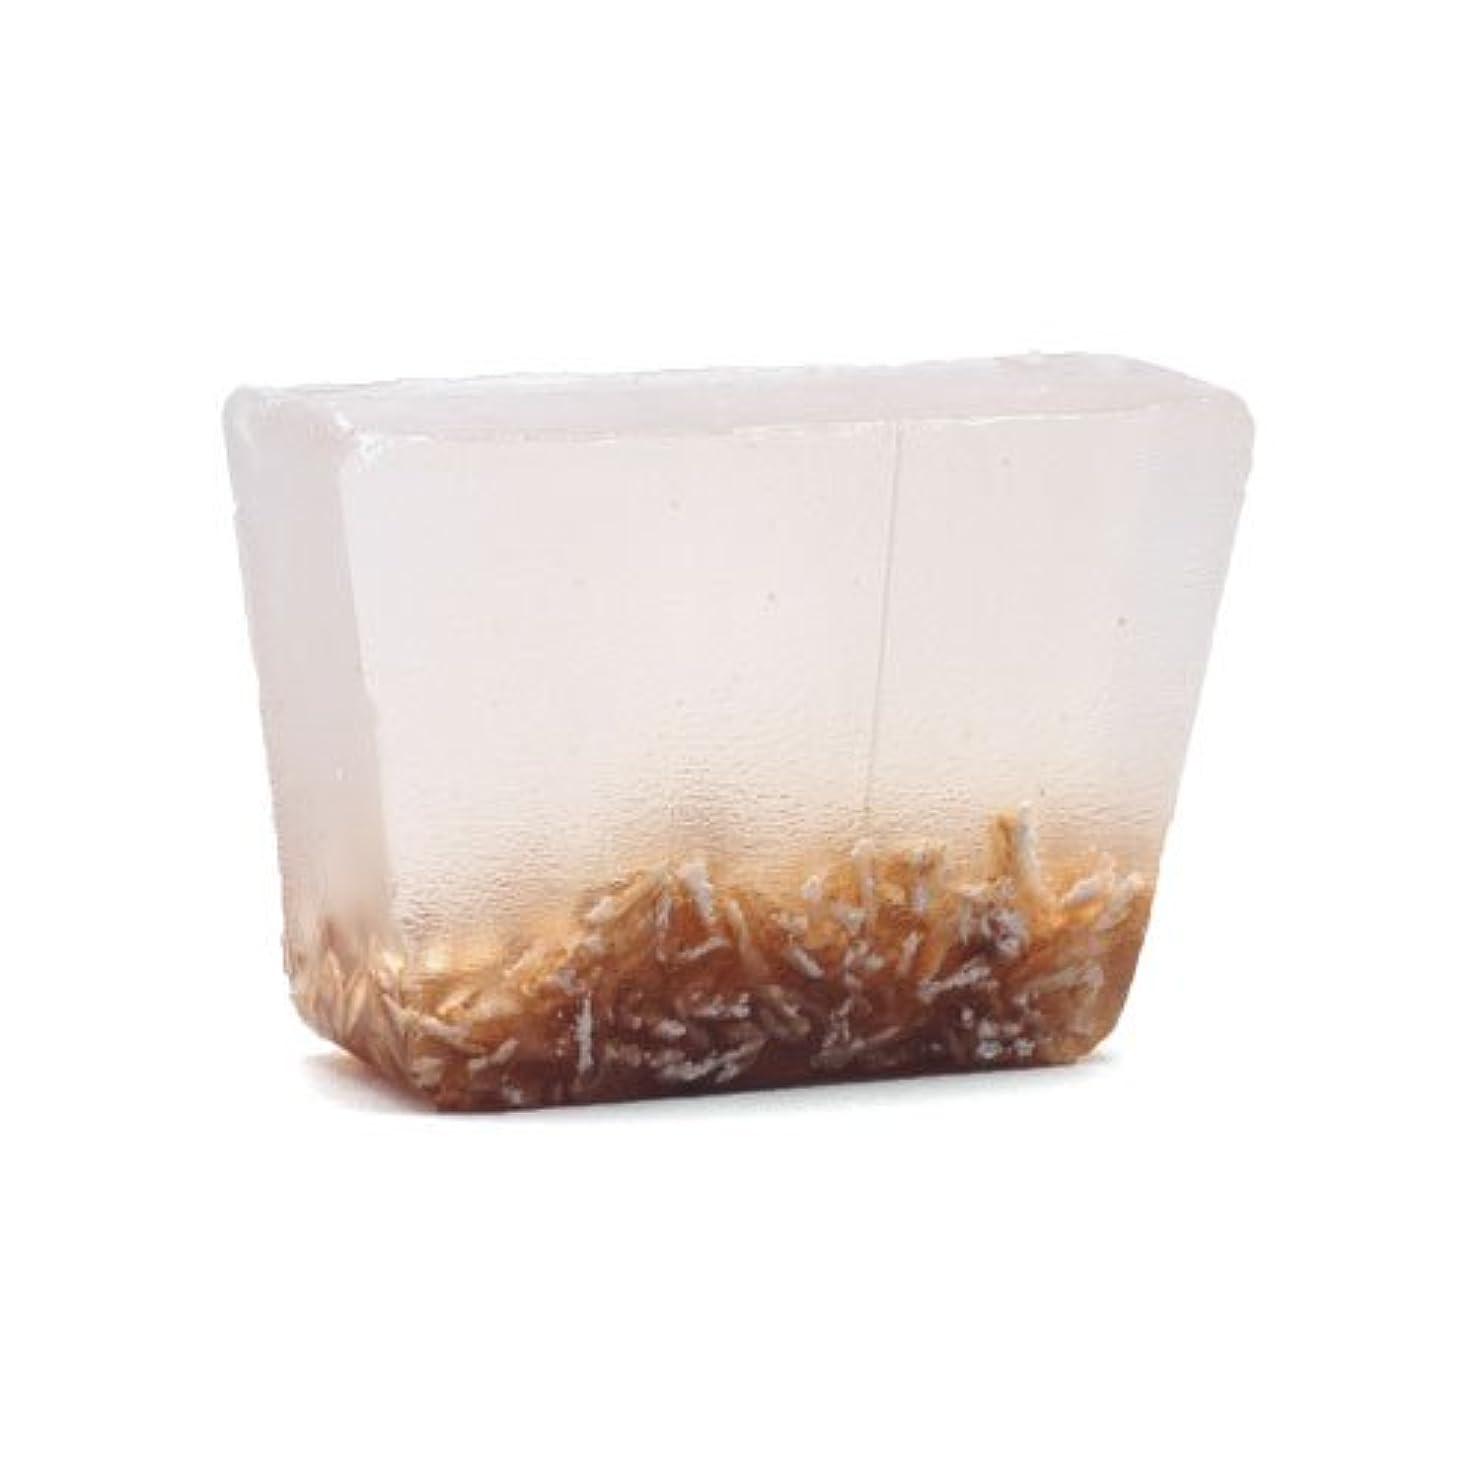 アクション保守的香港プライモールエレメンツ アロマティック ミニソープ ラベンダーオートミール 80g 植物性 ナチュラル 石鹸 無添加